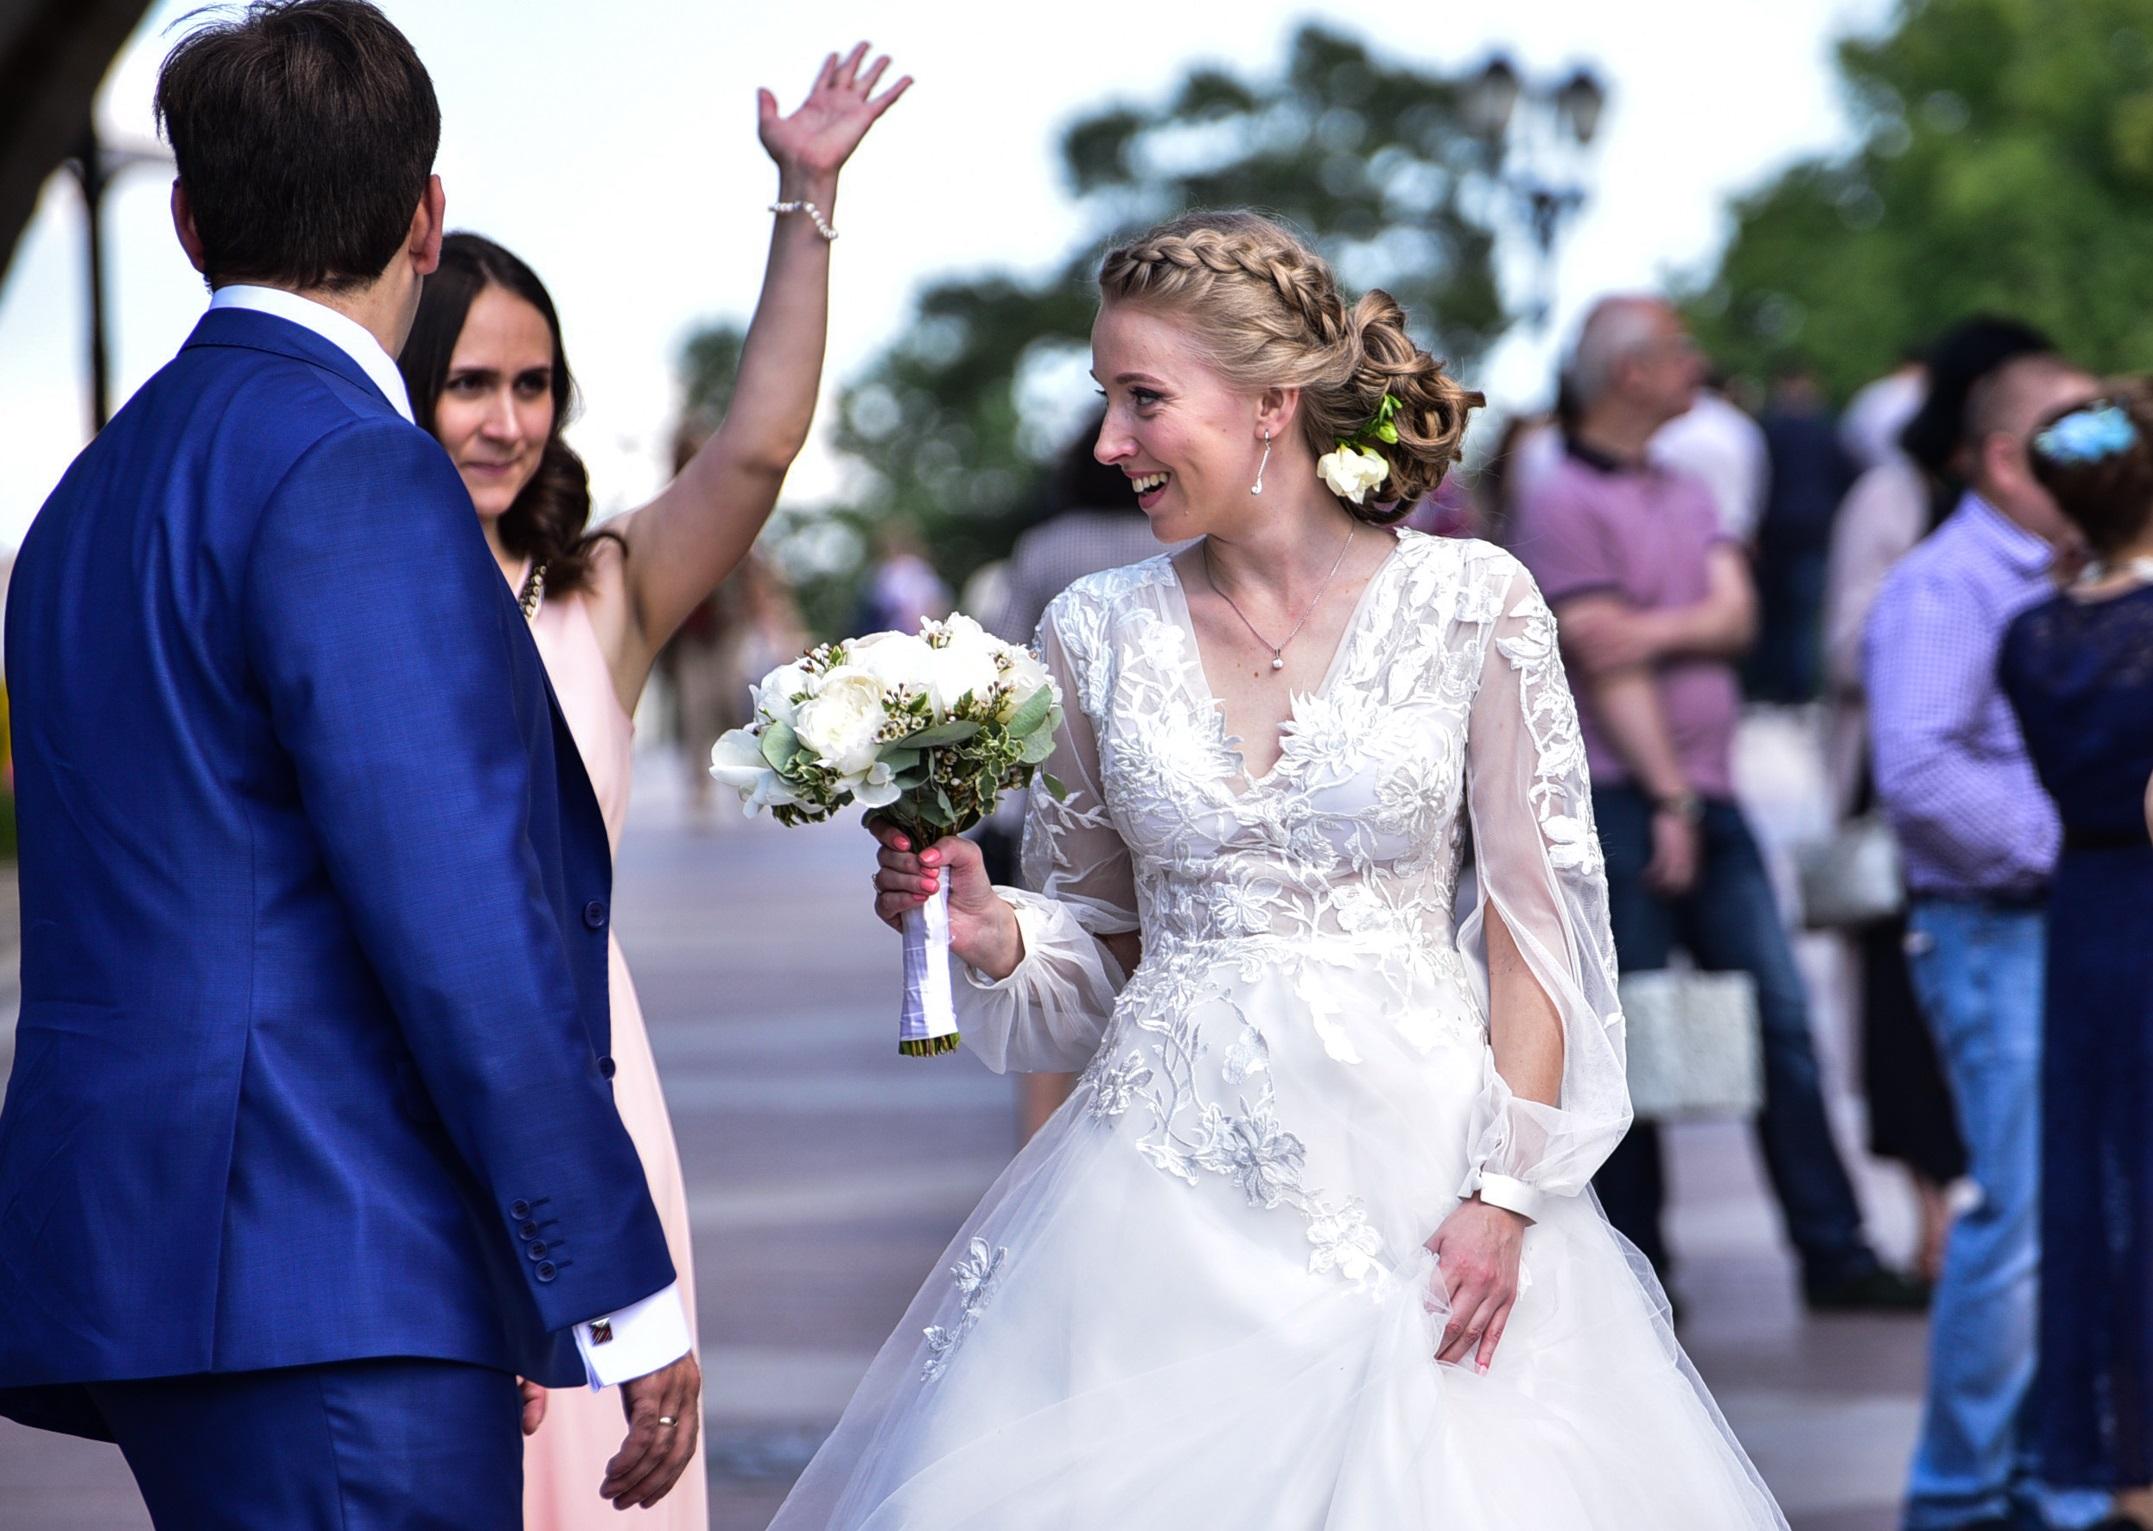 Около 650 пар сыграли свадьбу в Медовый Спас в Москве